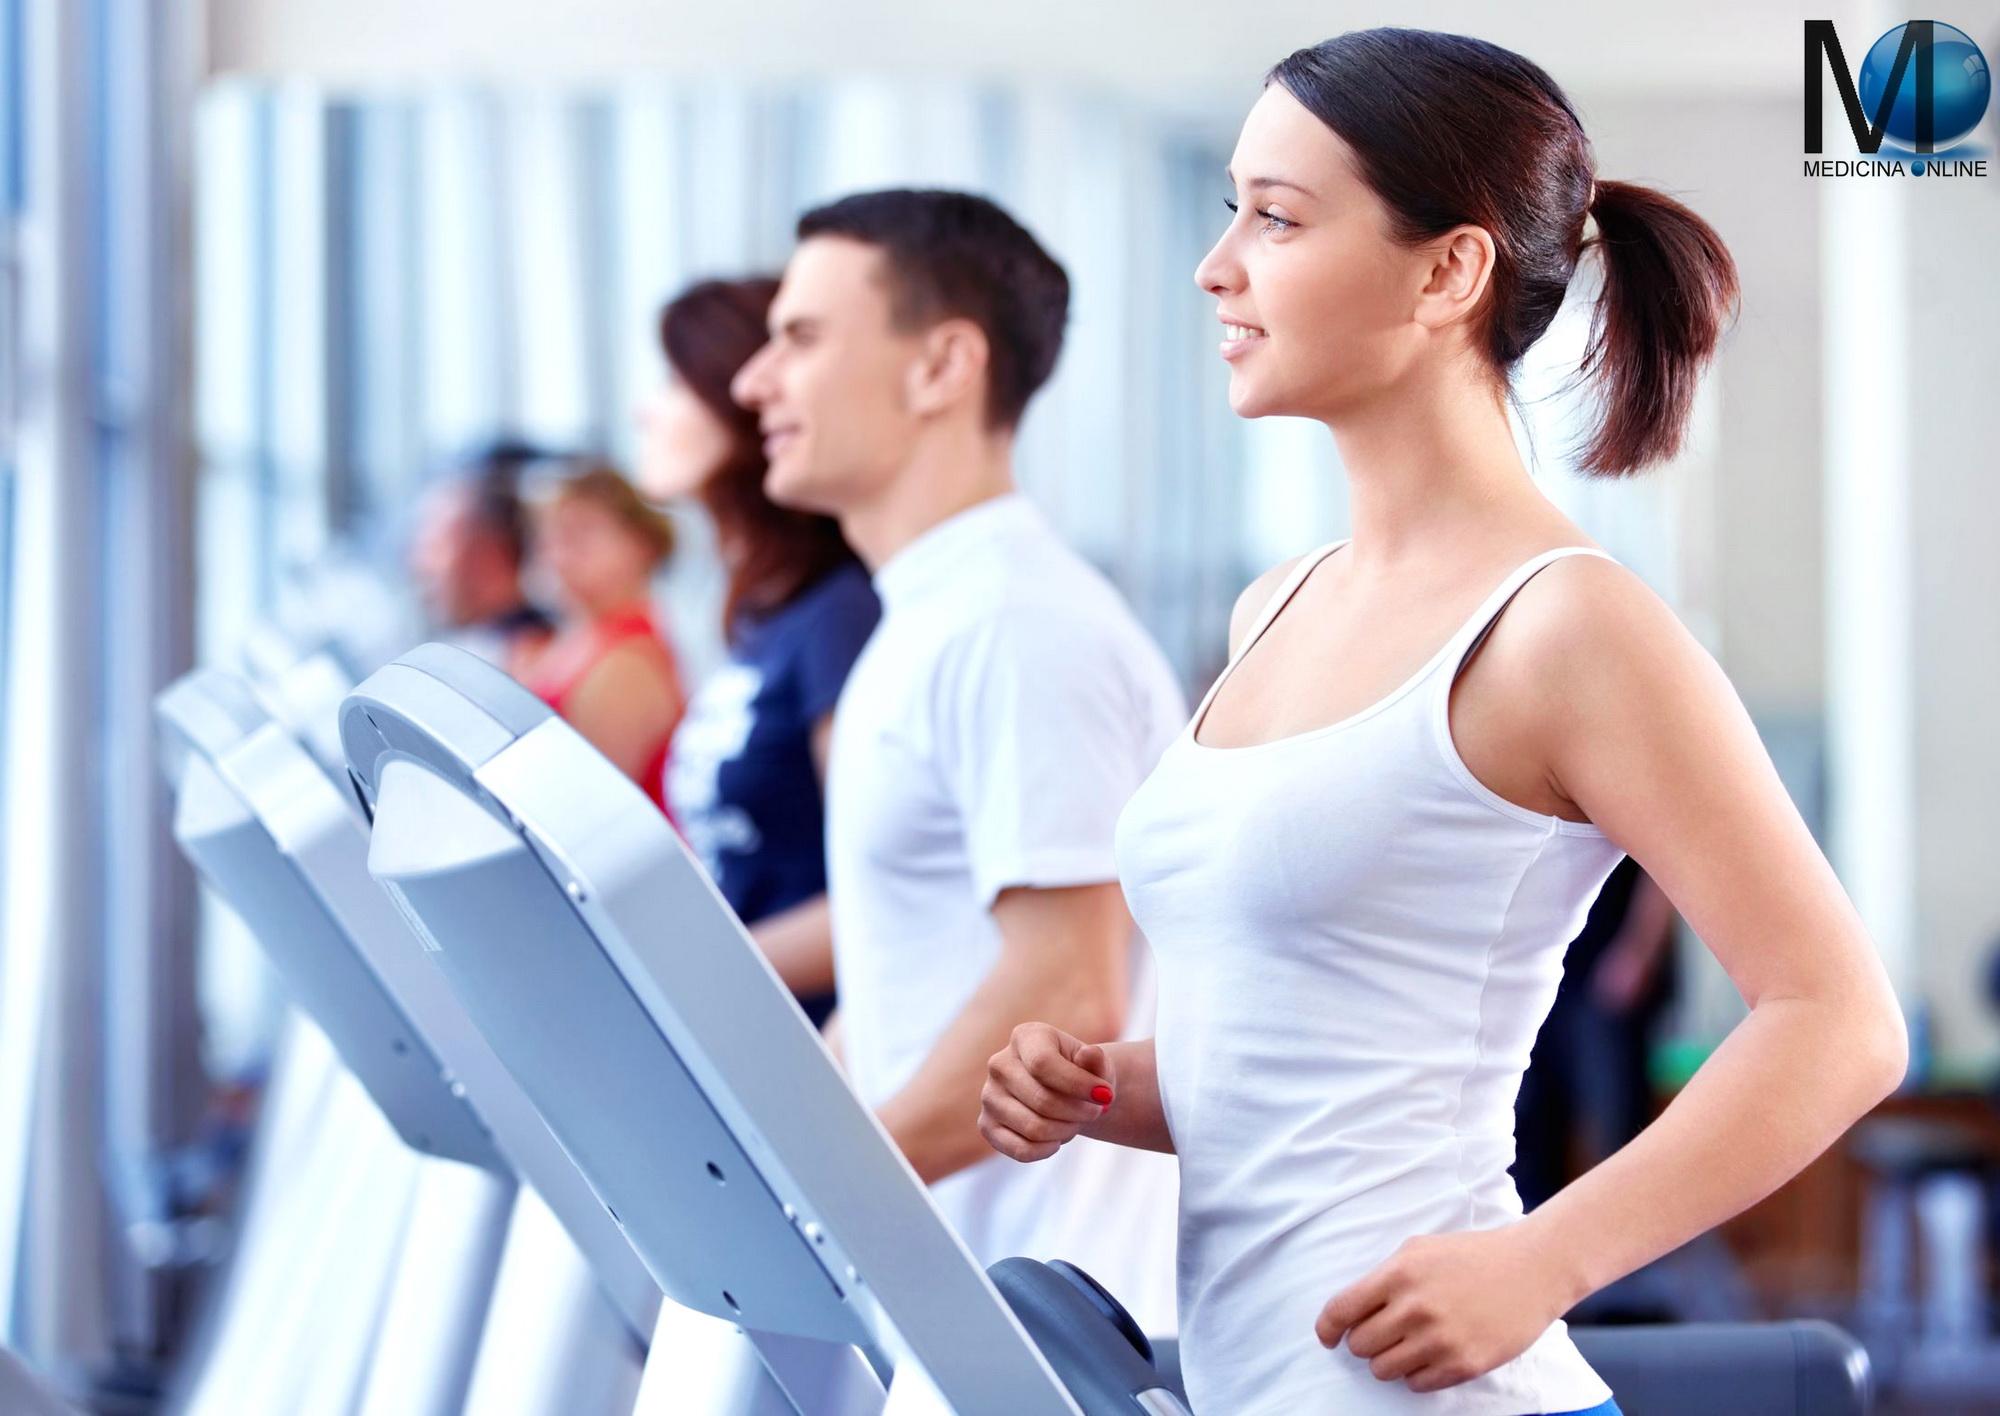 dieta per contrassegnare i muscoli e bruciare i grassi